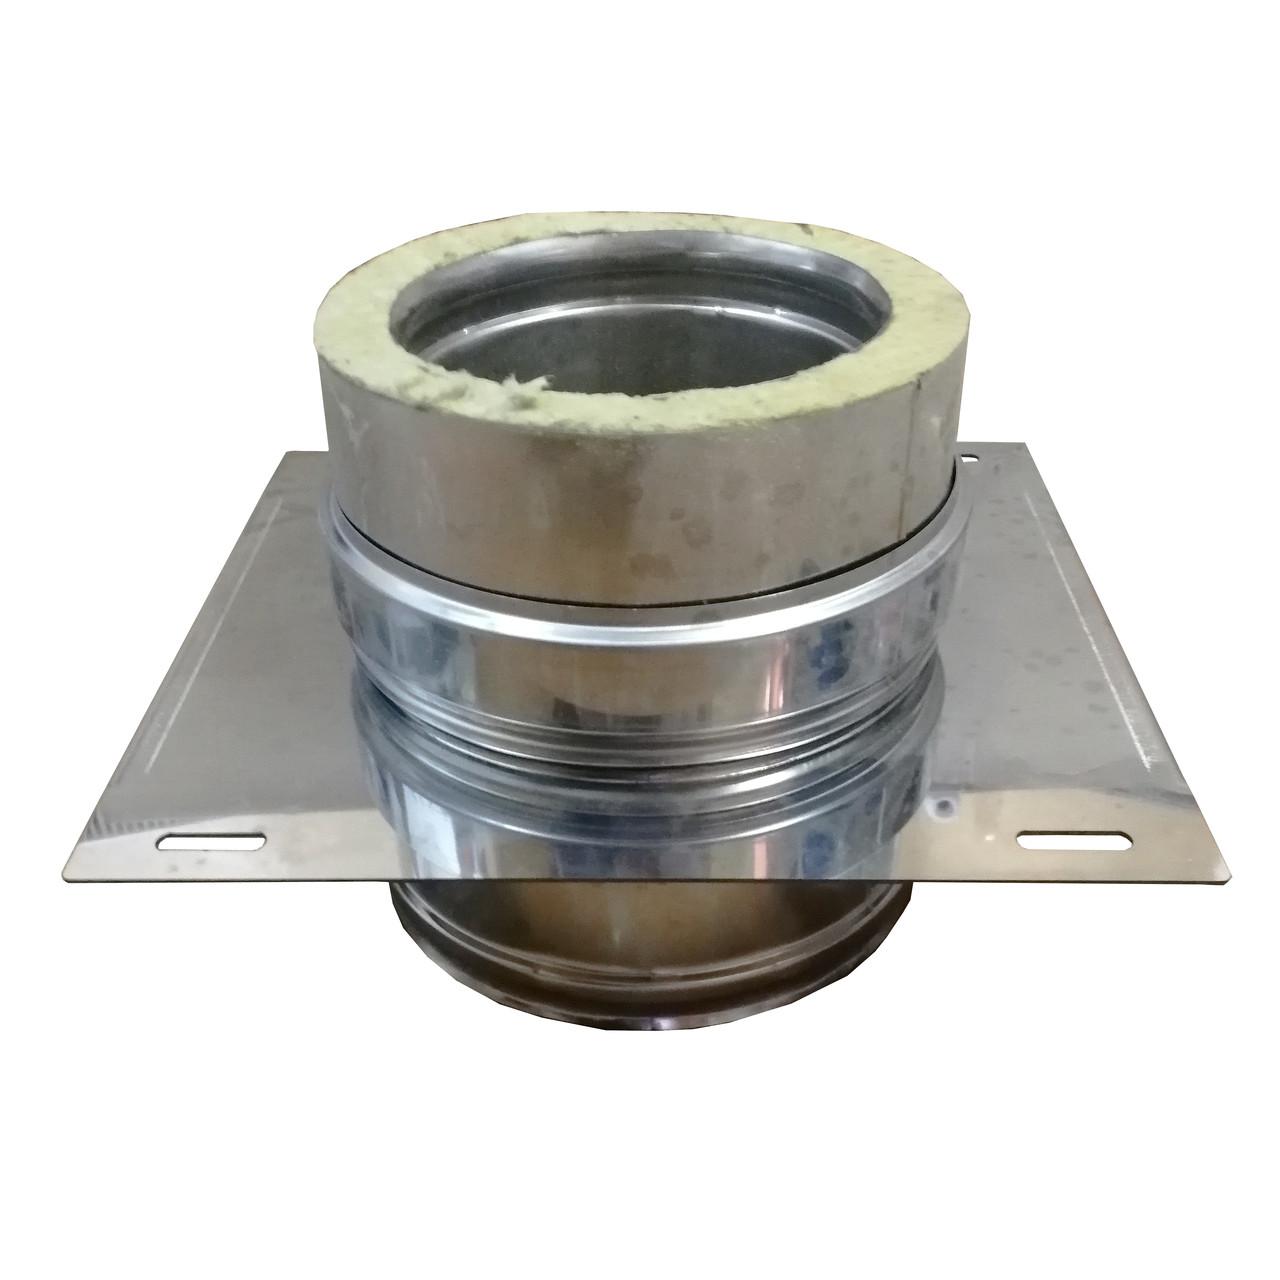 Крепление опорное Термо(430, t0.5/430,t0.5)(пластина 430-1,5) d120/D200,А300*В300,L400(Раструб)